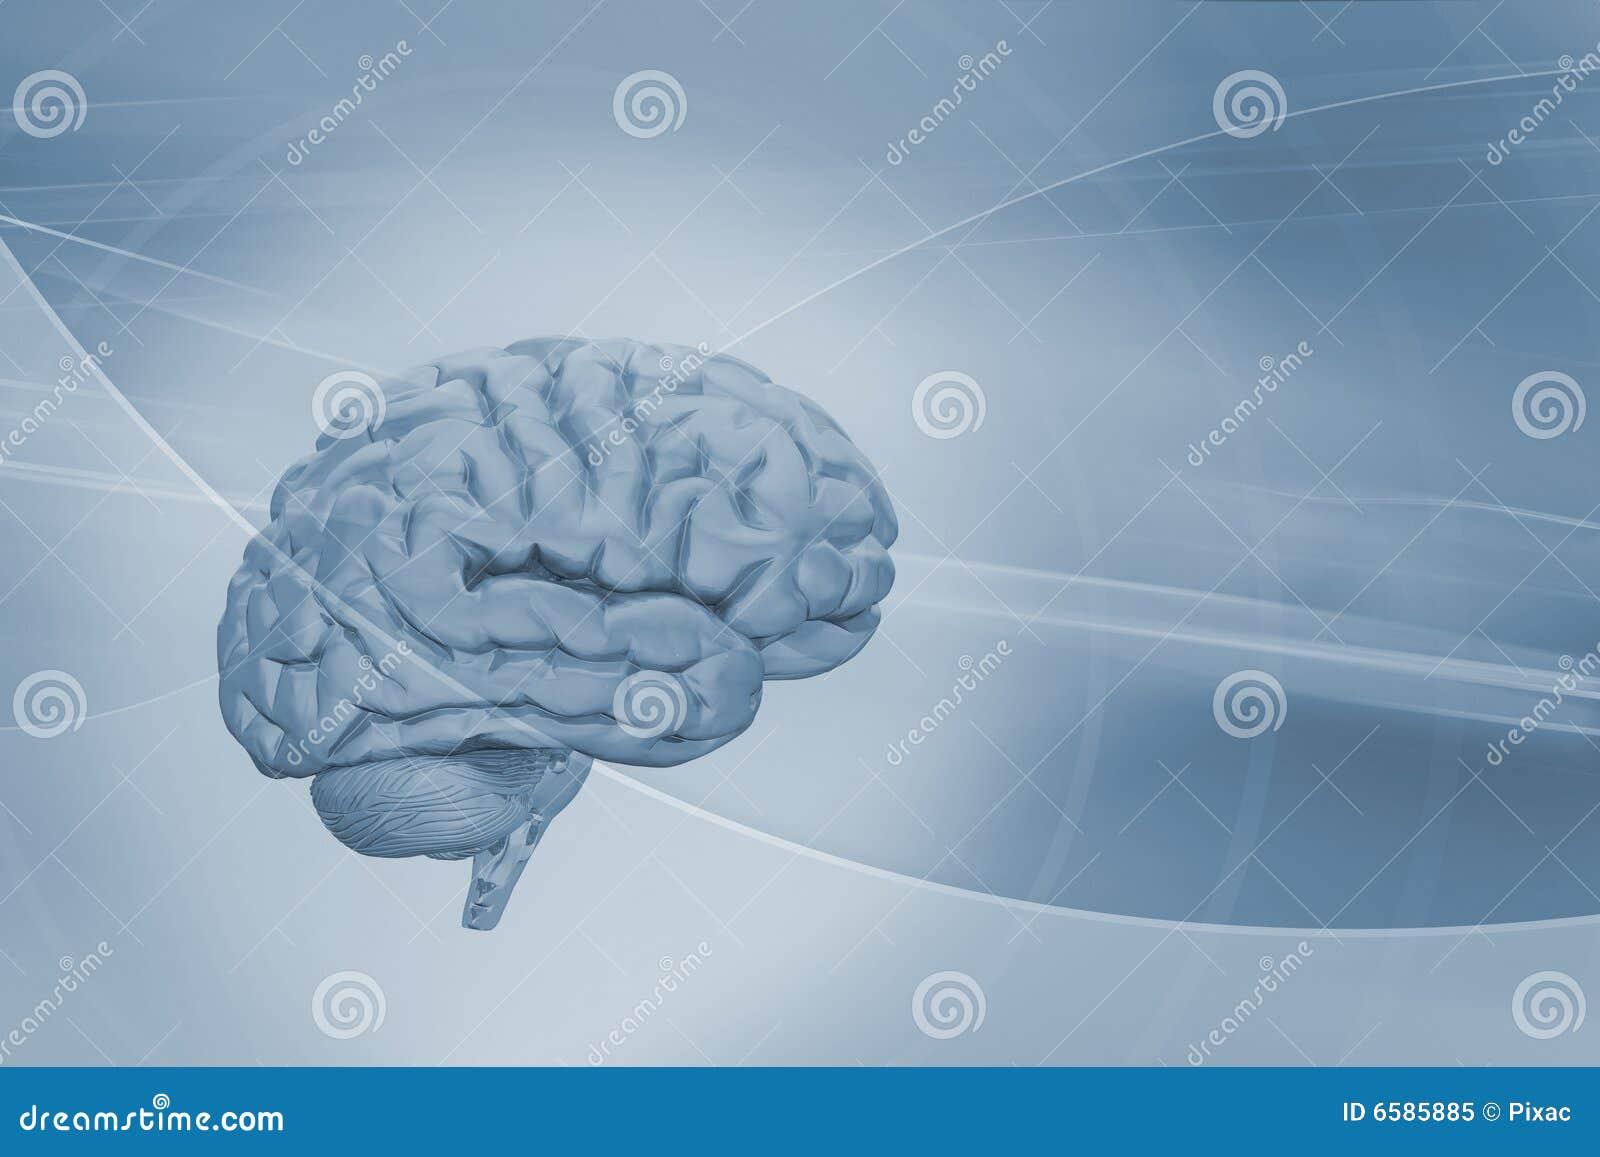 Cerebro en fondo abstracto